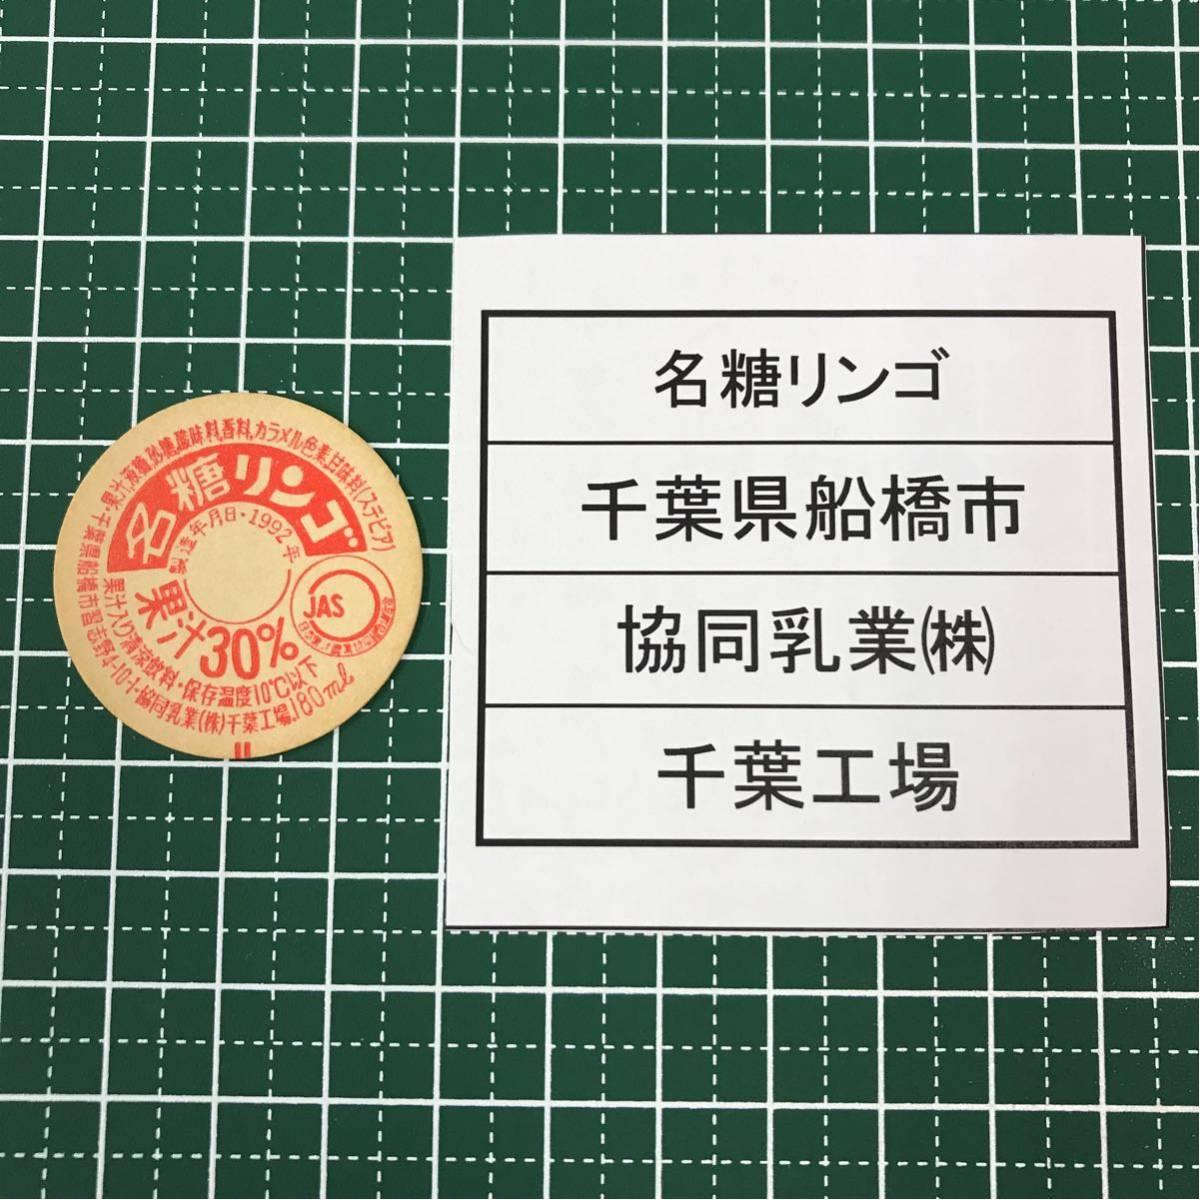 牛乳キャップ 最終出品 千葉県 名糖リンゴ アンティーク レア_画像3